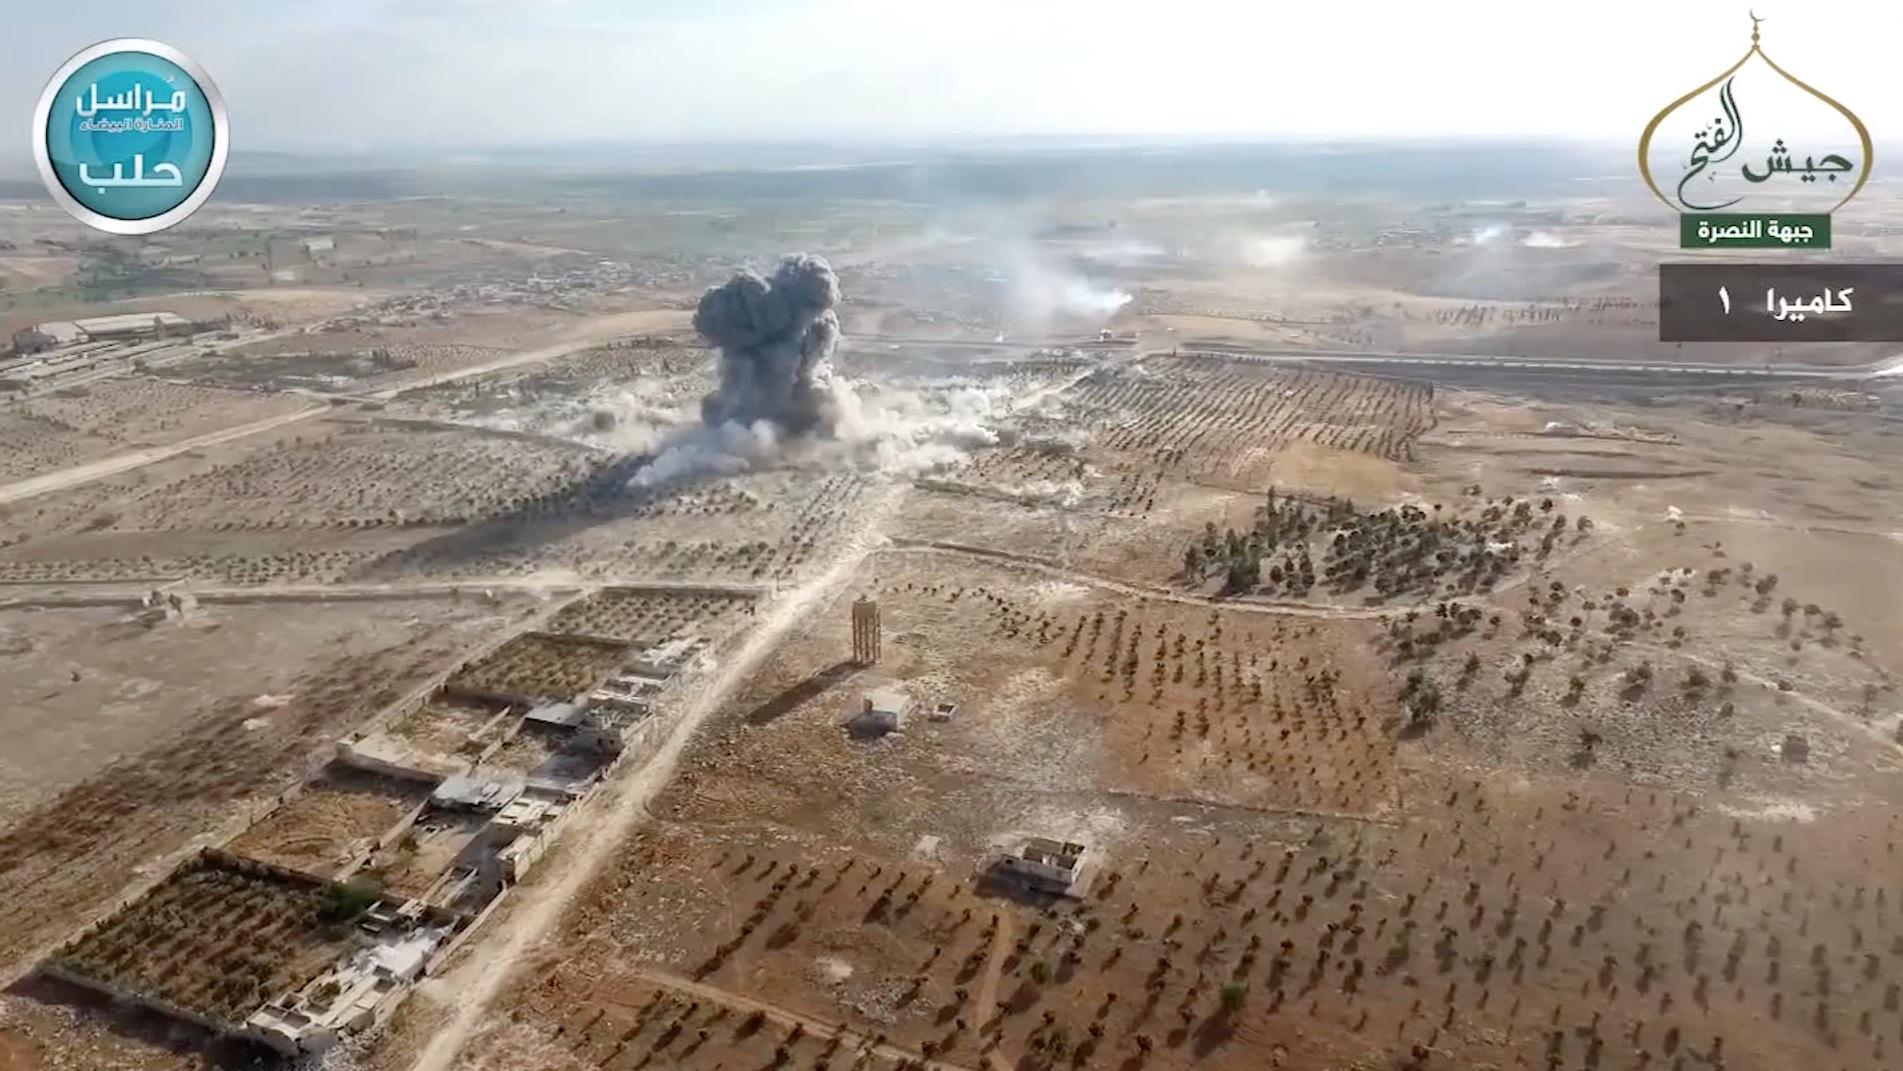 شاهد لحظة تفجير سيارة استهدفت قوات النظام قرب حلب